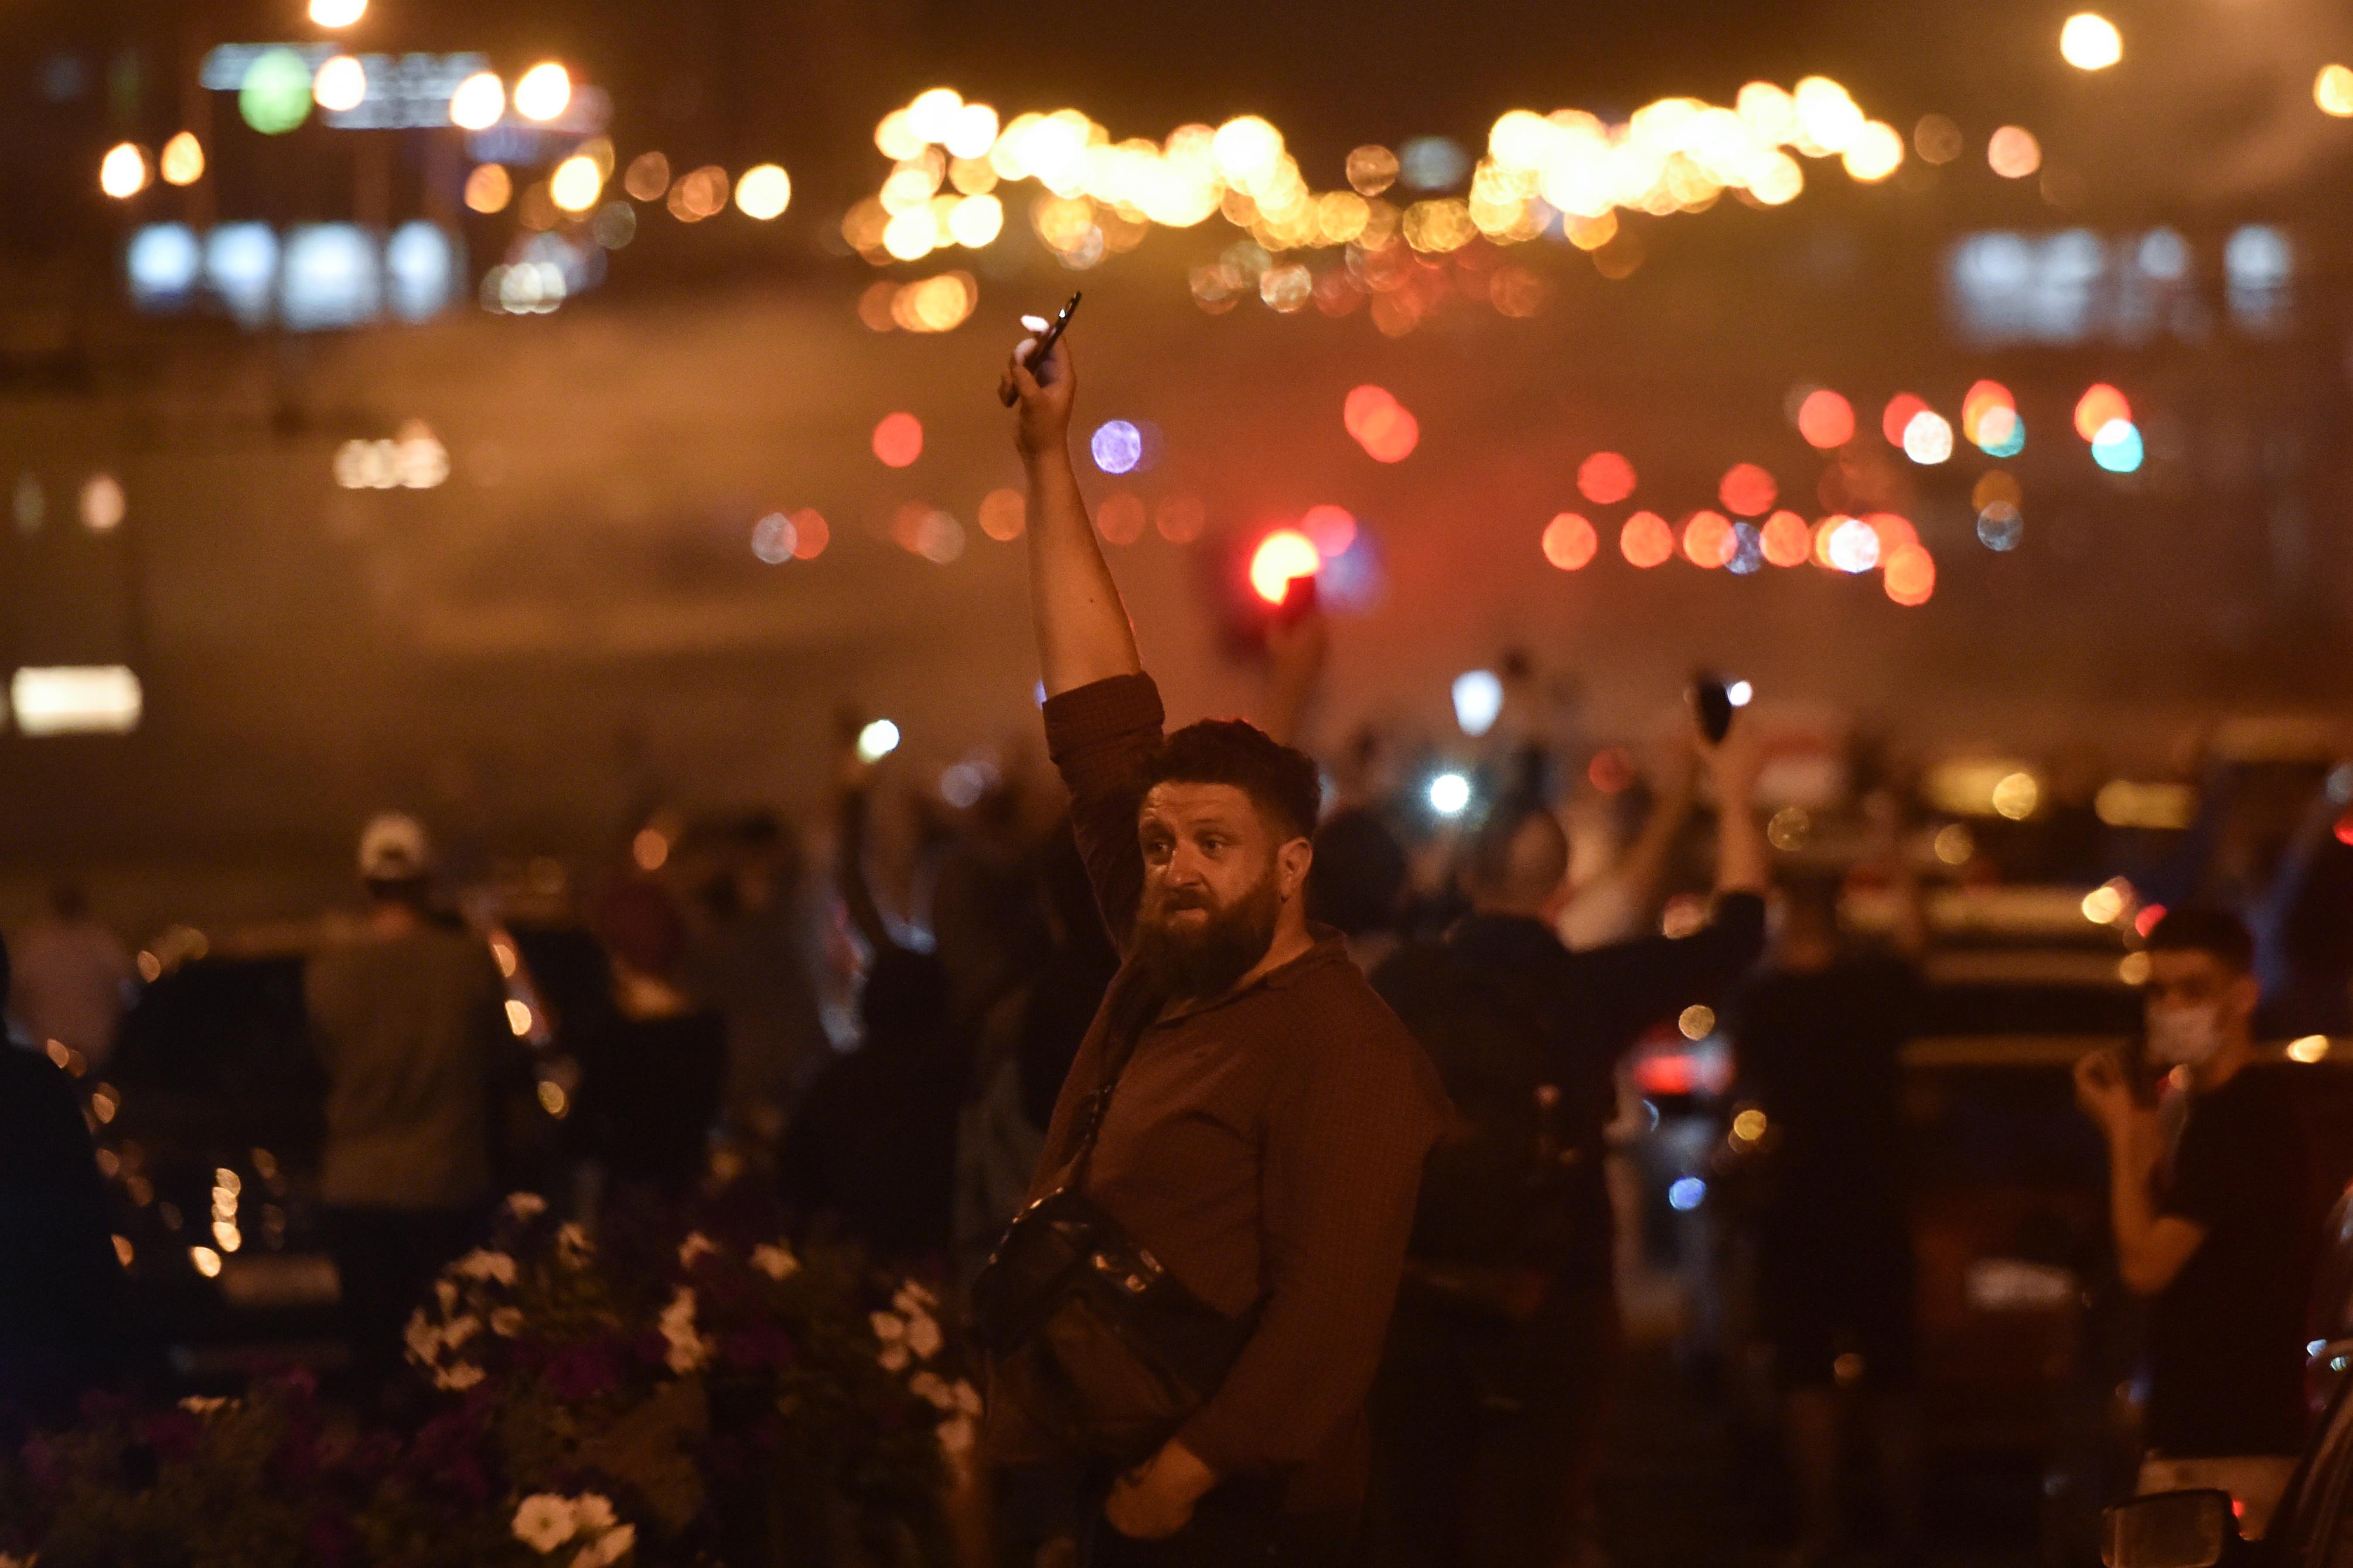 Gumilövedékkel és hanggránátokkal oszlatták Minszkben a második napja tartó tüntetéseket